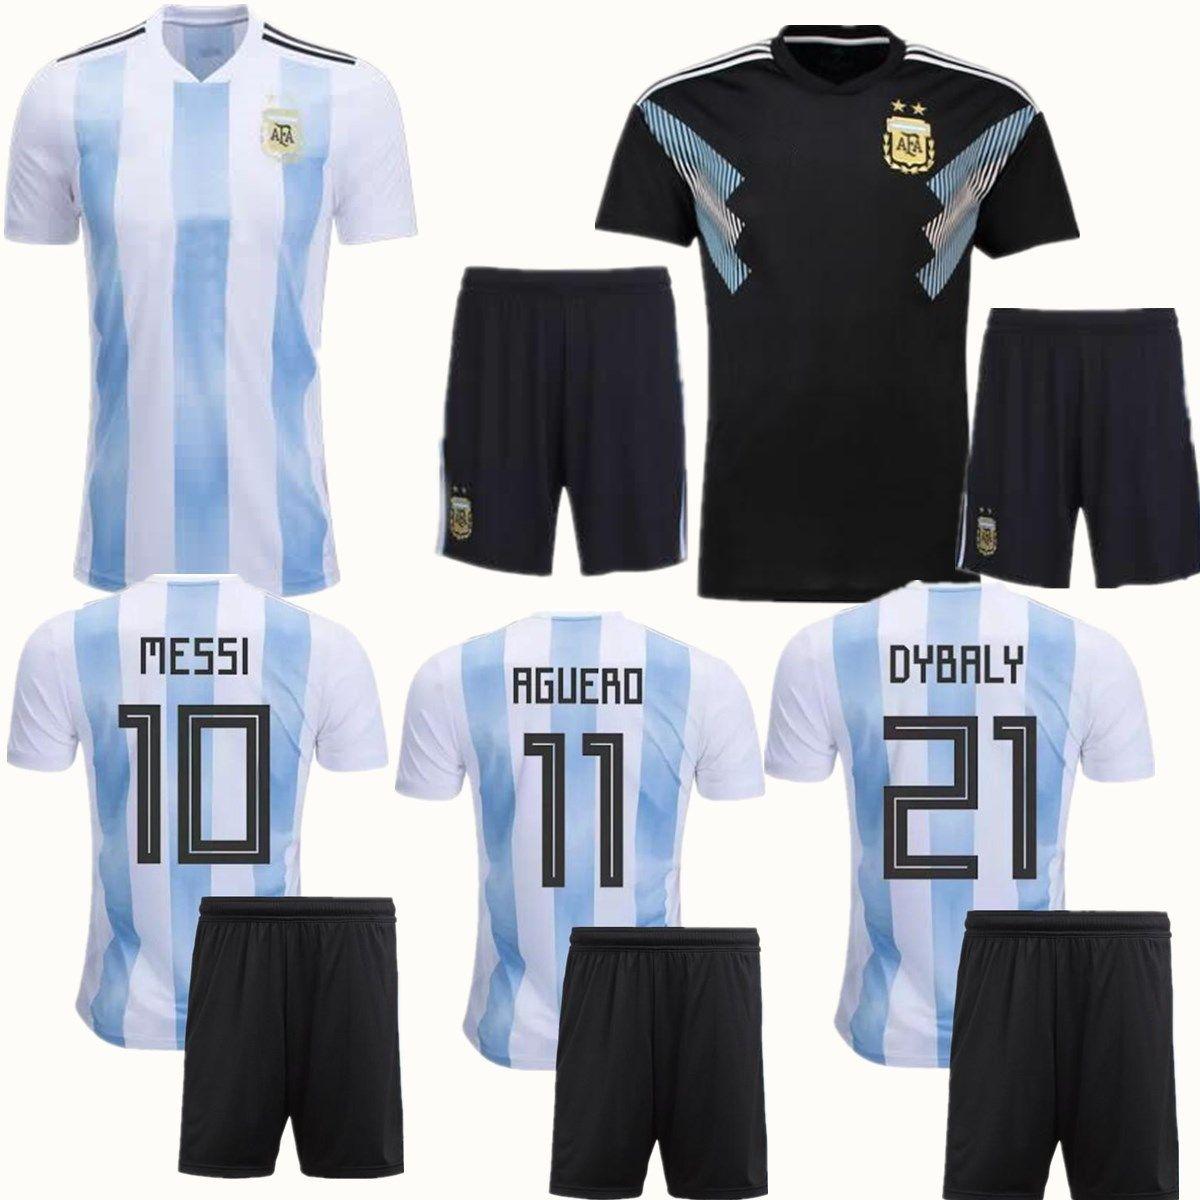 b2432f191 Compre Copa Del Mundo 2018 Conjuntos De Fútbol De Visitante De Argentina  MESSI DI MARIA AGUERO KOMPANY DYBALA Maillot Negro Equipación De Adultos  Uniforme ...